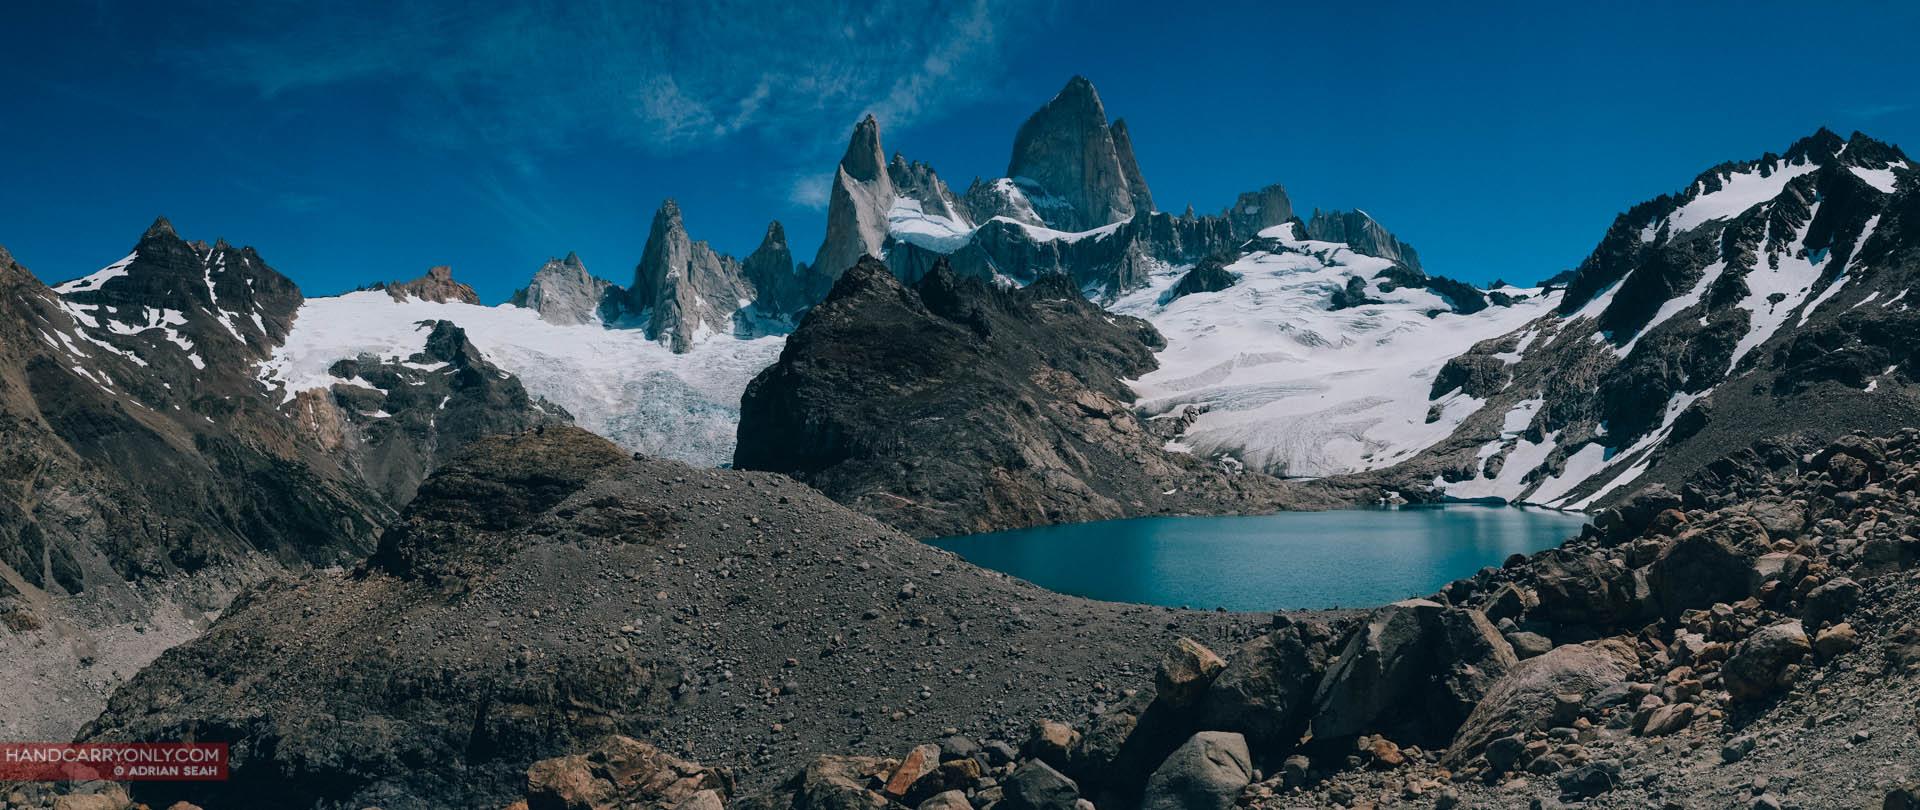 fitz roy patagonia argentina